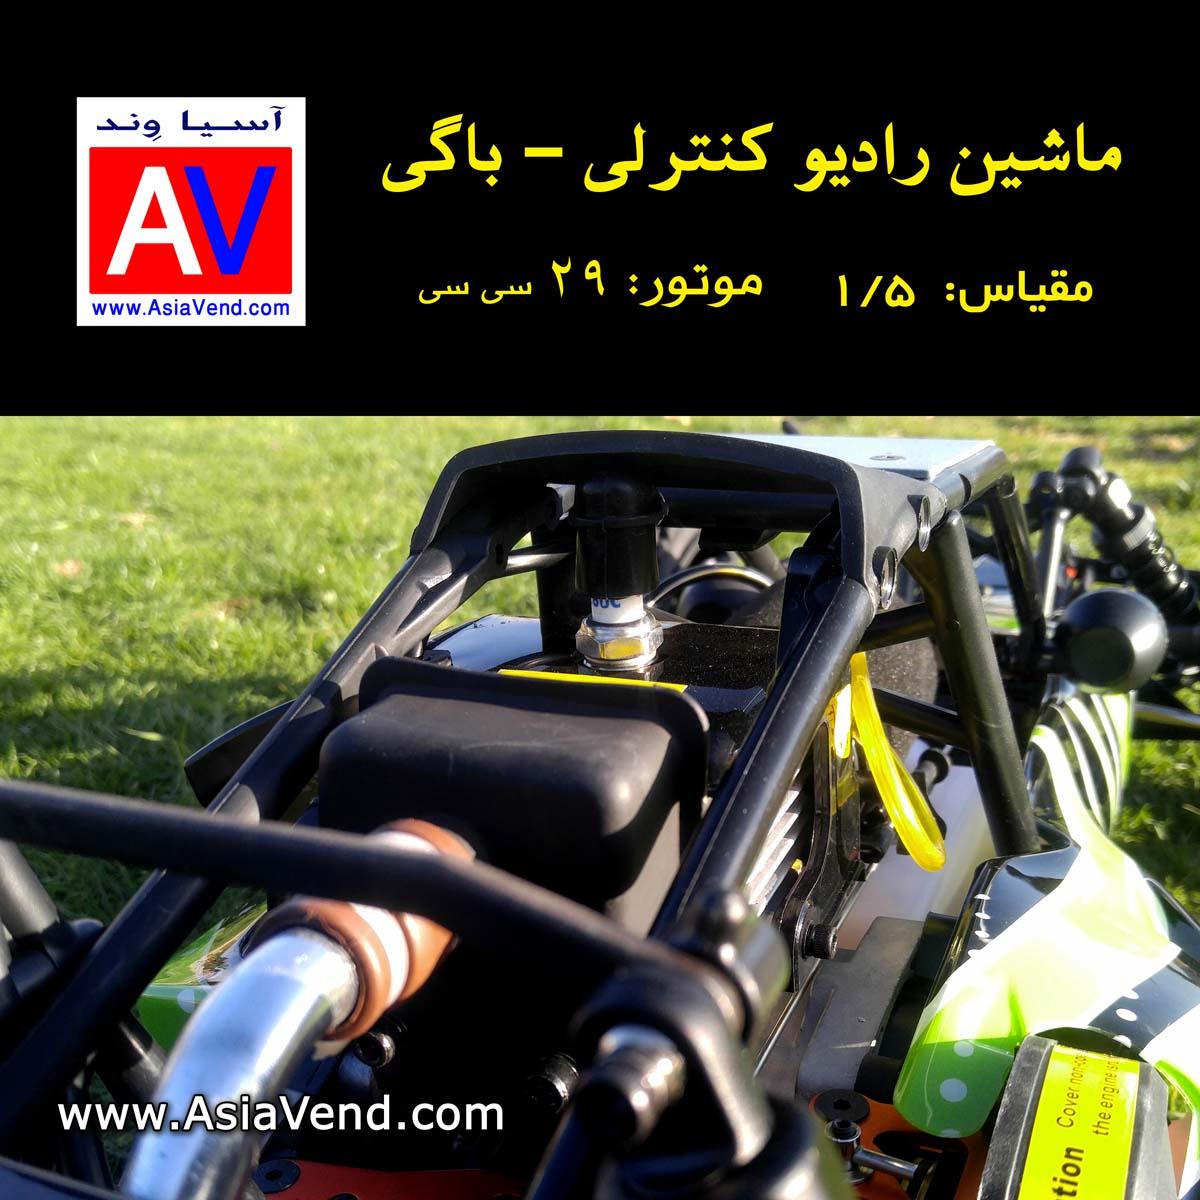 اچ پی آی باجا ماشین رادیو کنترلی بنزینی آفرود BAJA RC CAR